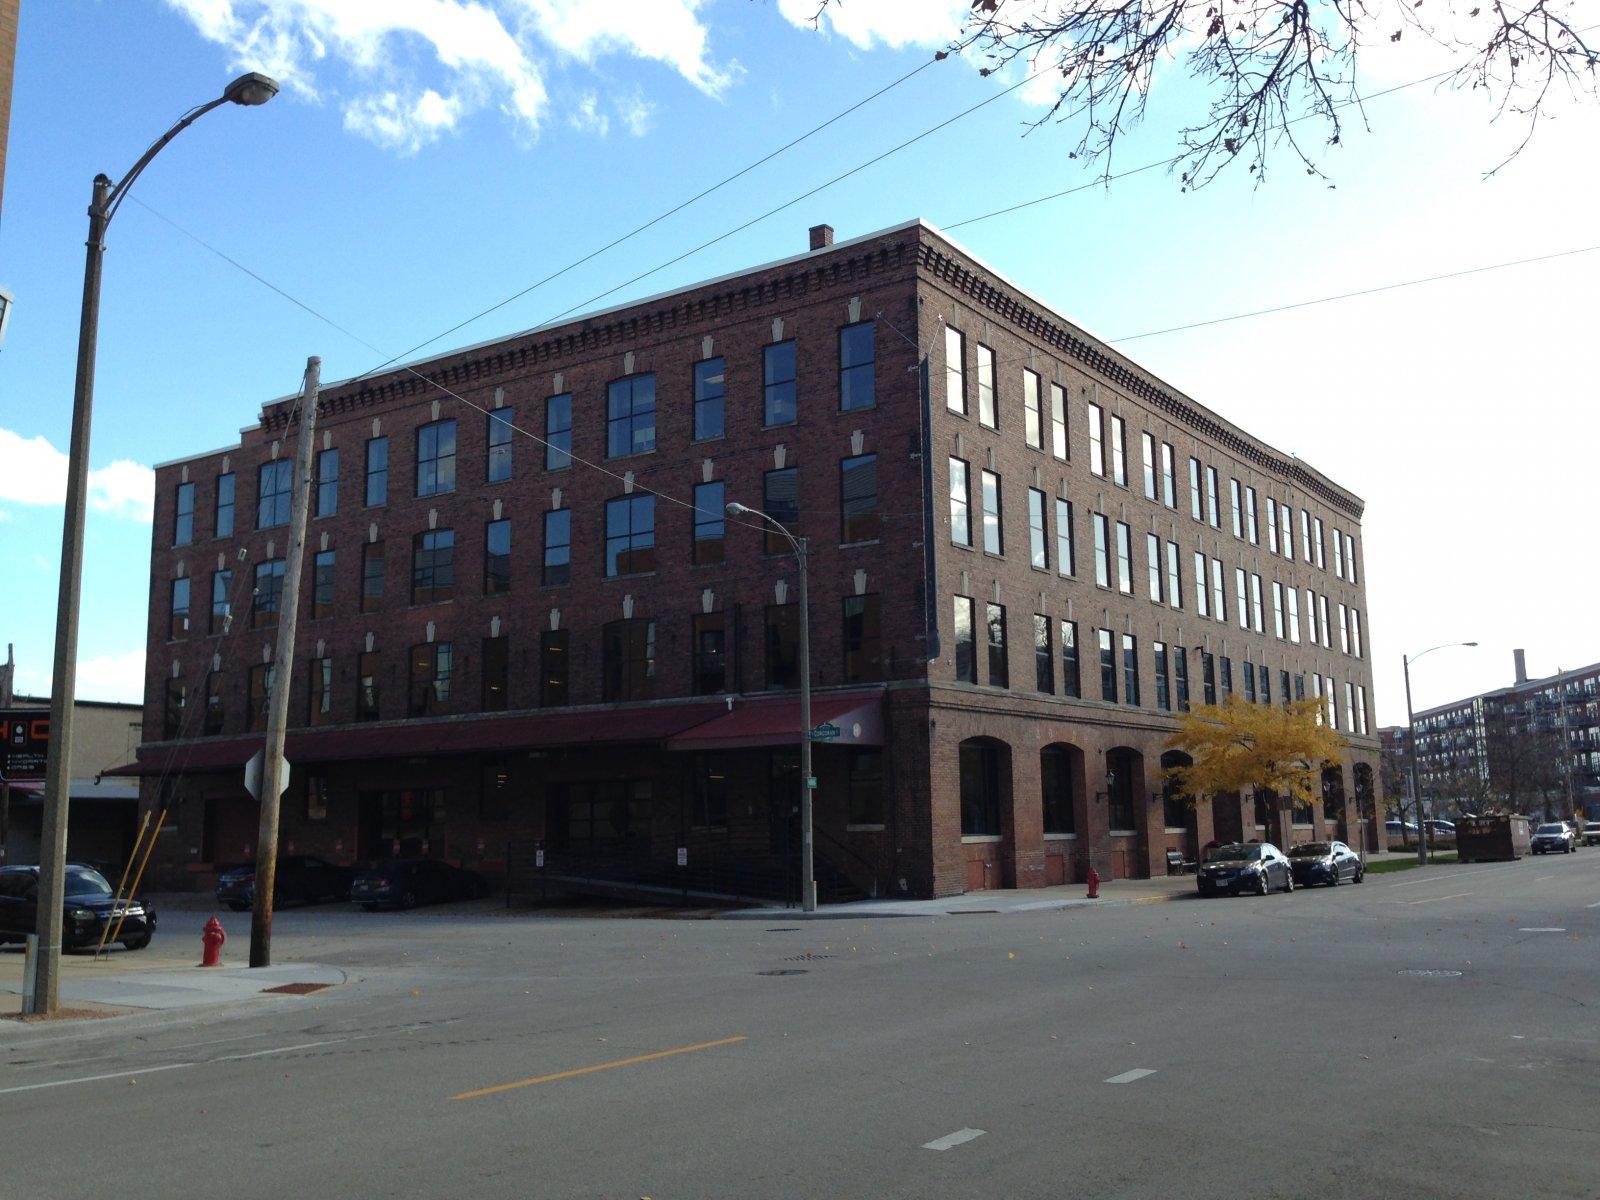 120-126 N. Jefferson St.